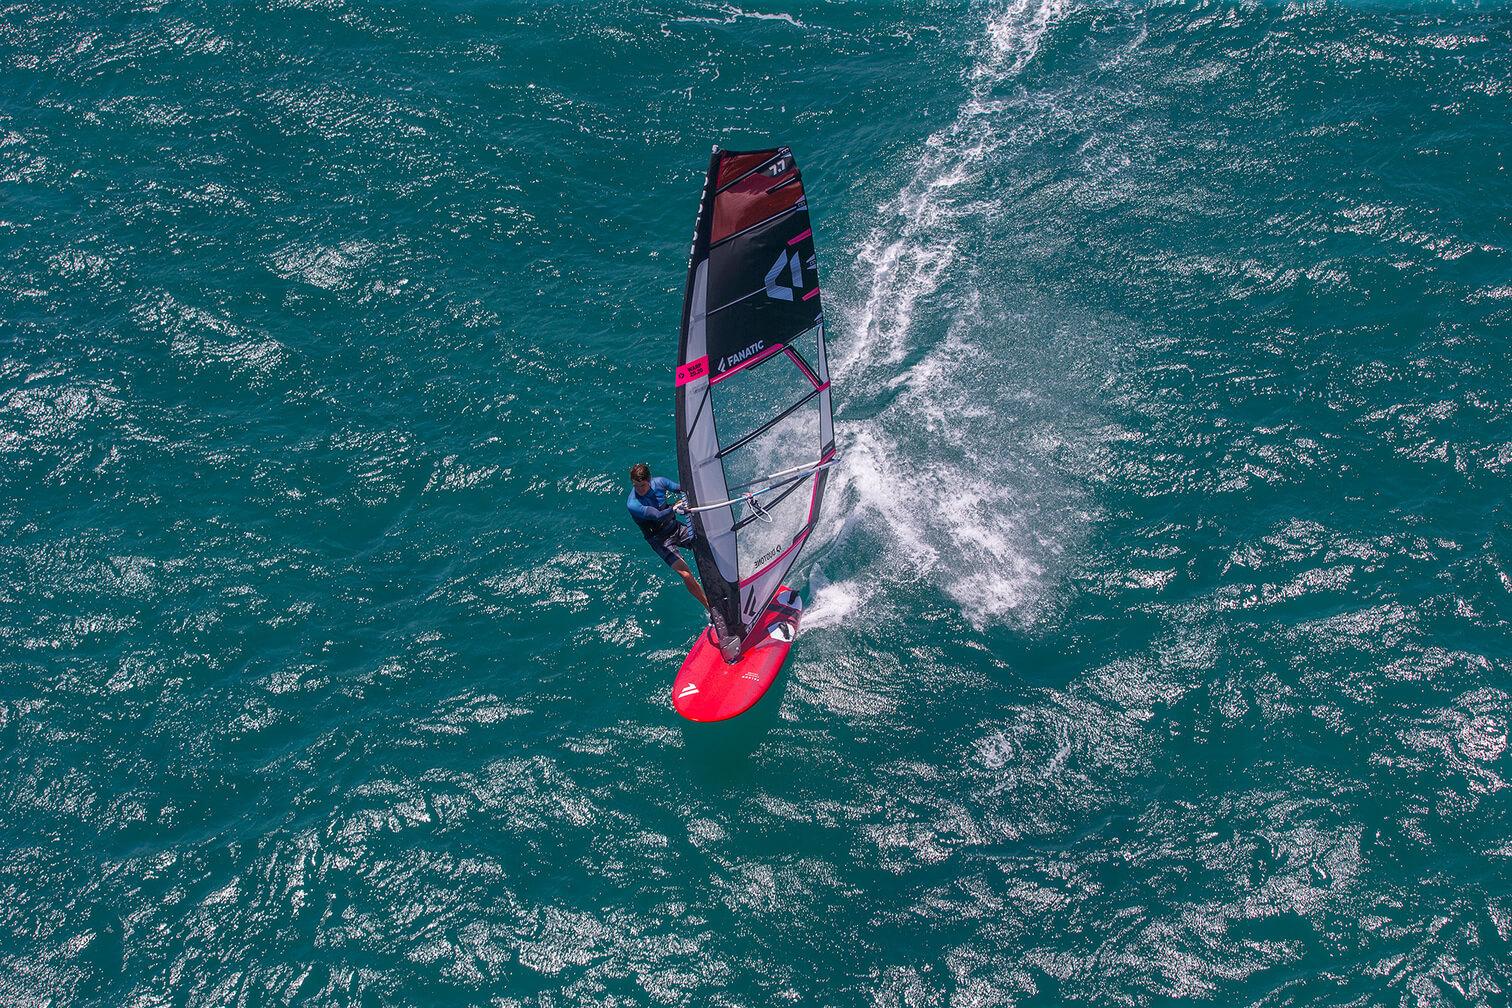 Pierre Falcon LW JohnCarter JC F19 Day13 D3 0925